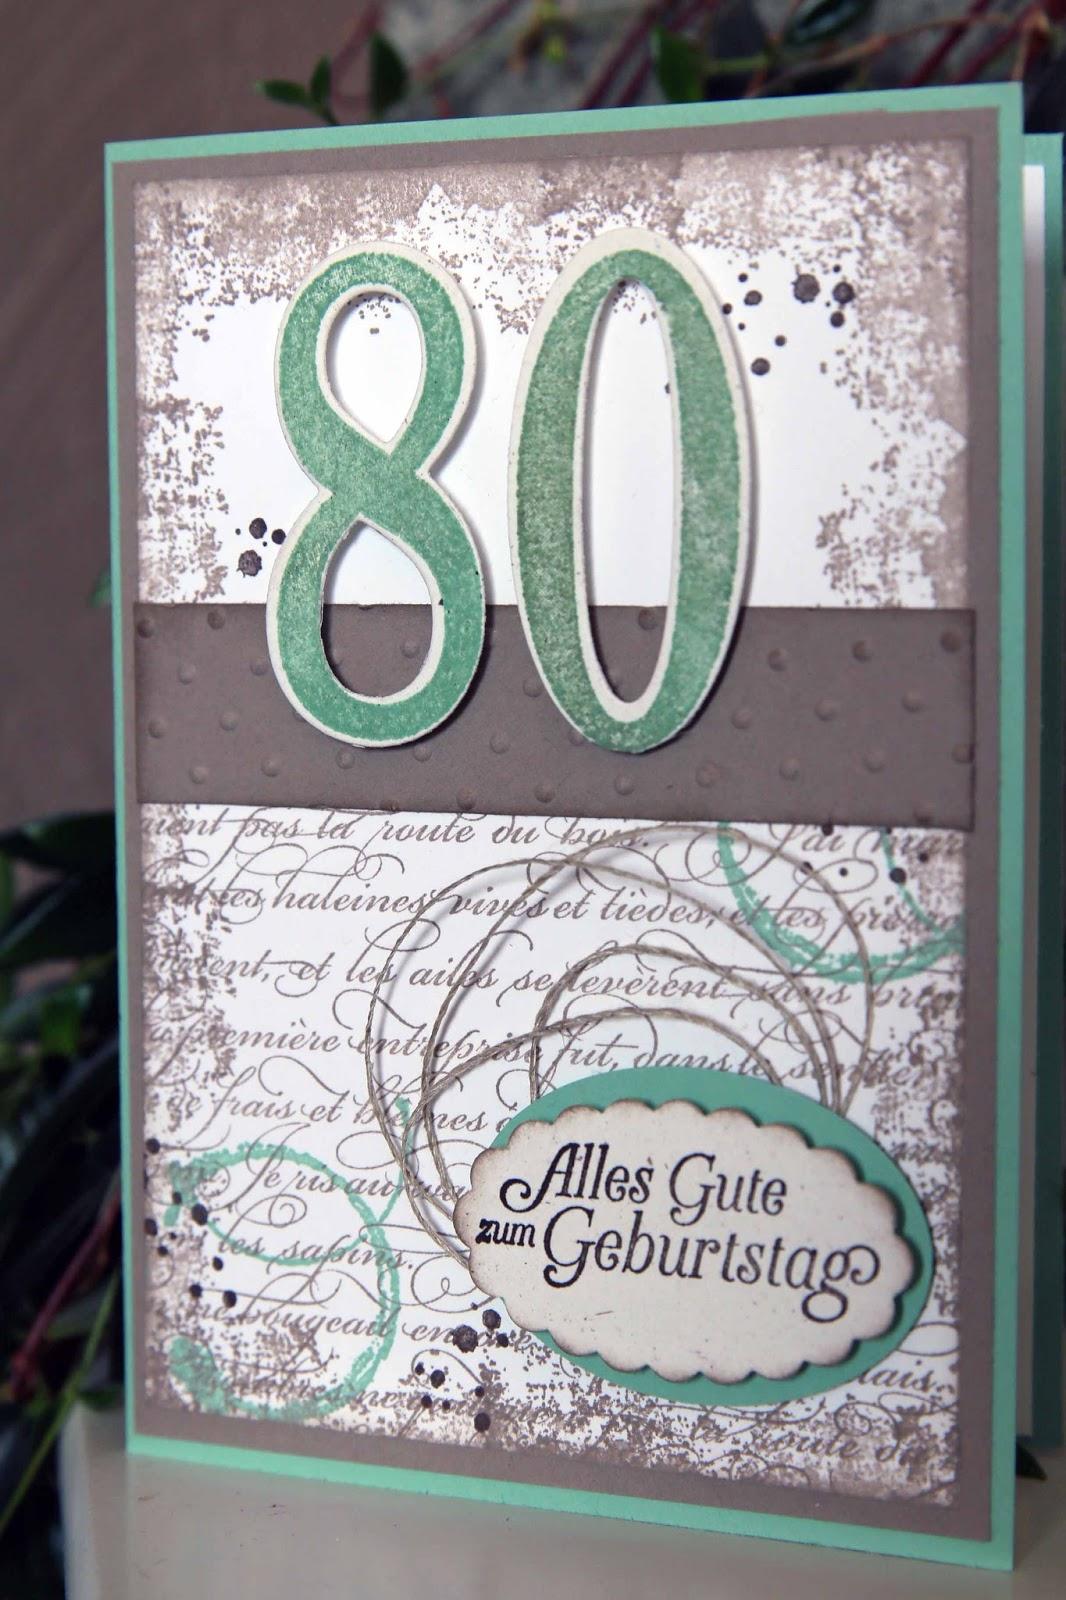 Papier stempel co zum 80 geburtstag - Geschenke zum 80 geburtstag selber basteln ...